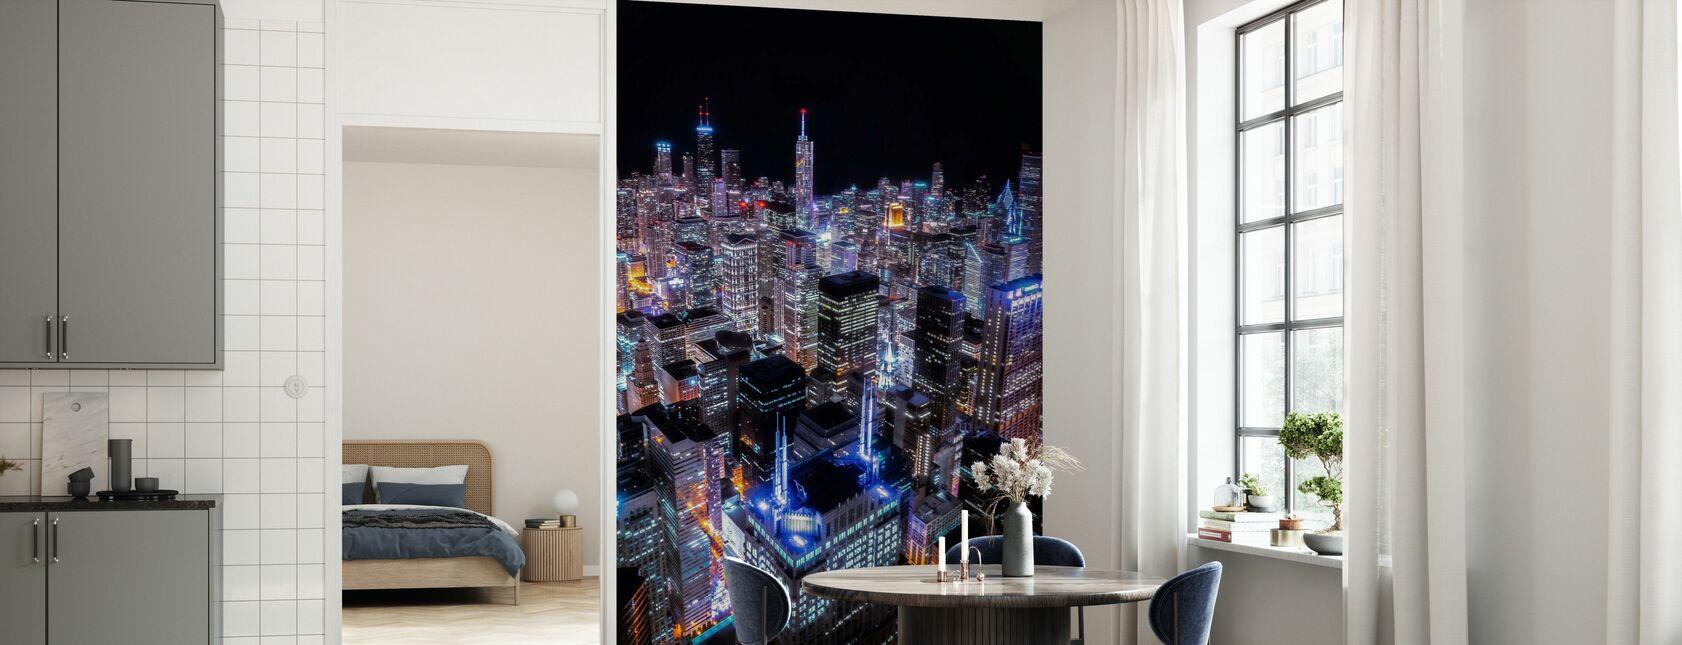 Chicago Night - Wallpaper - Kitchen